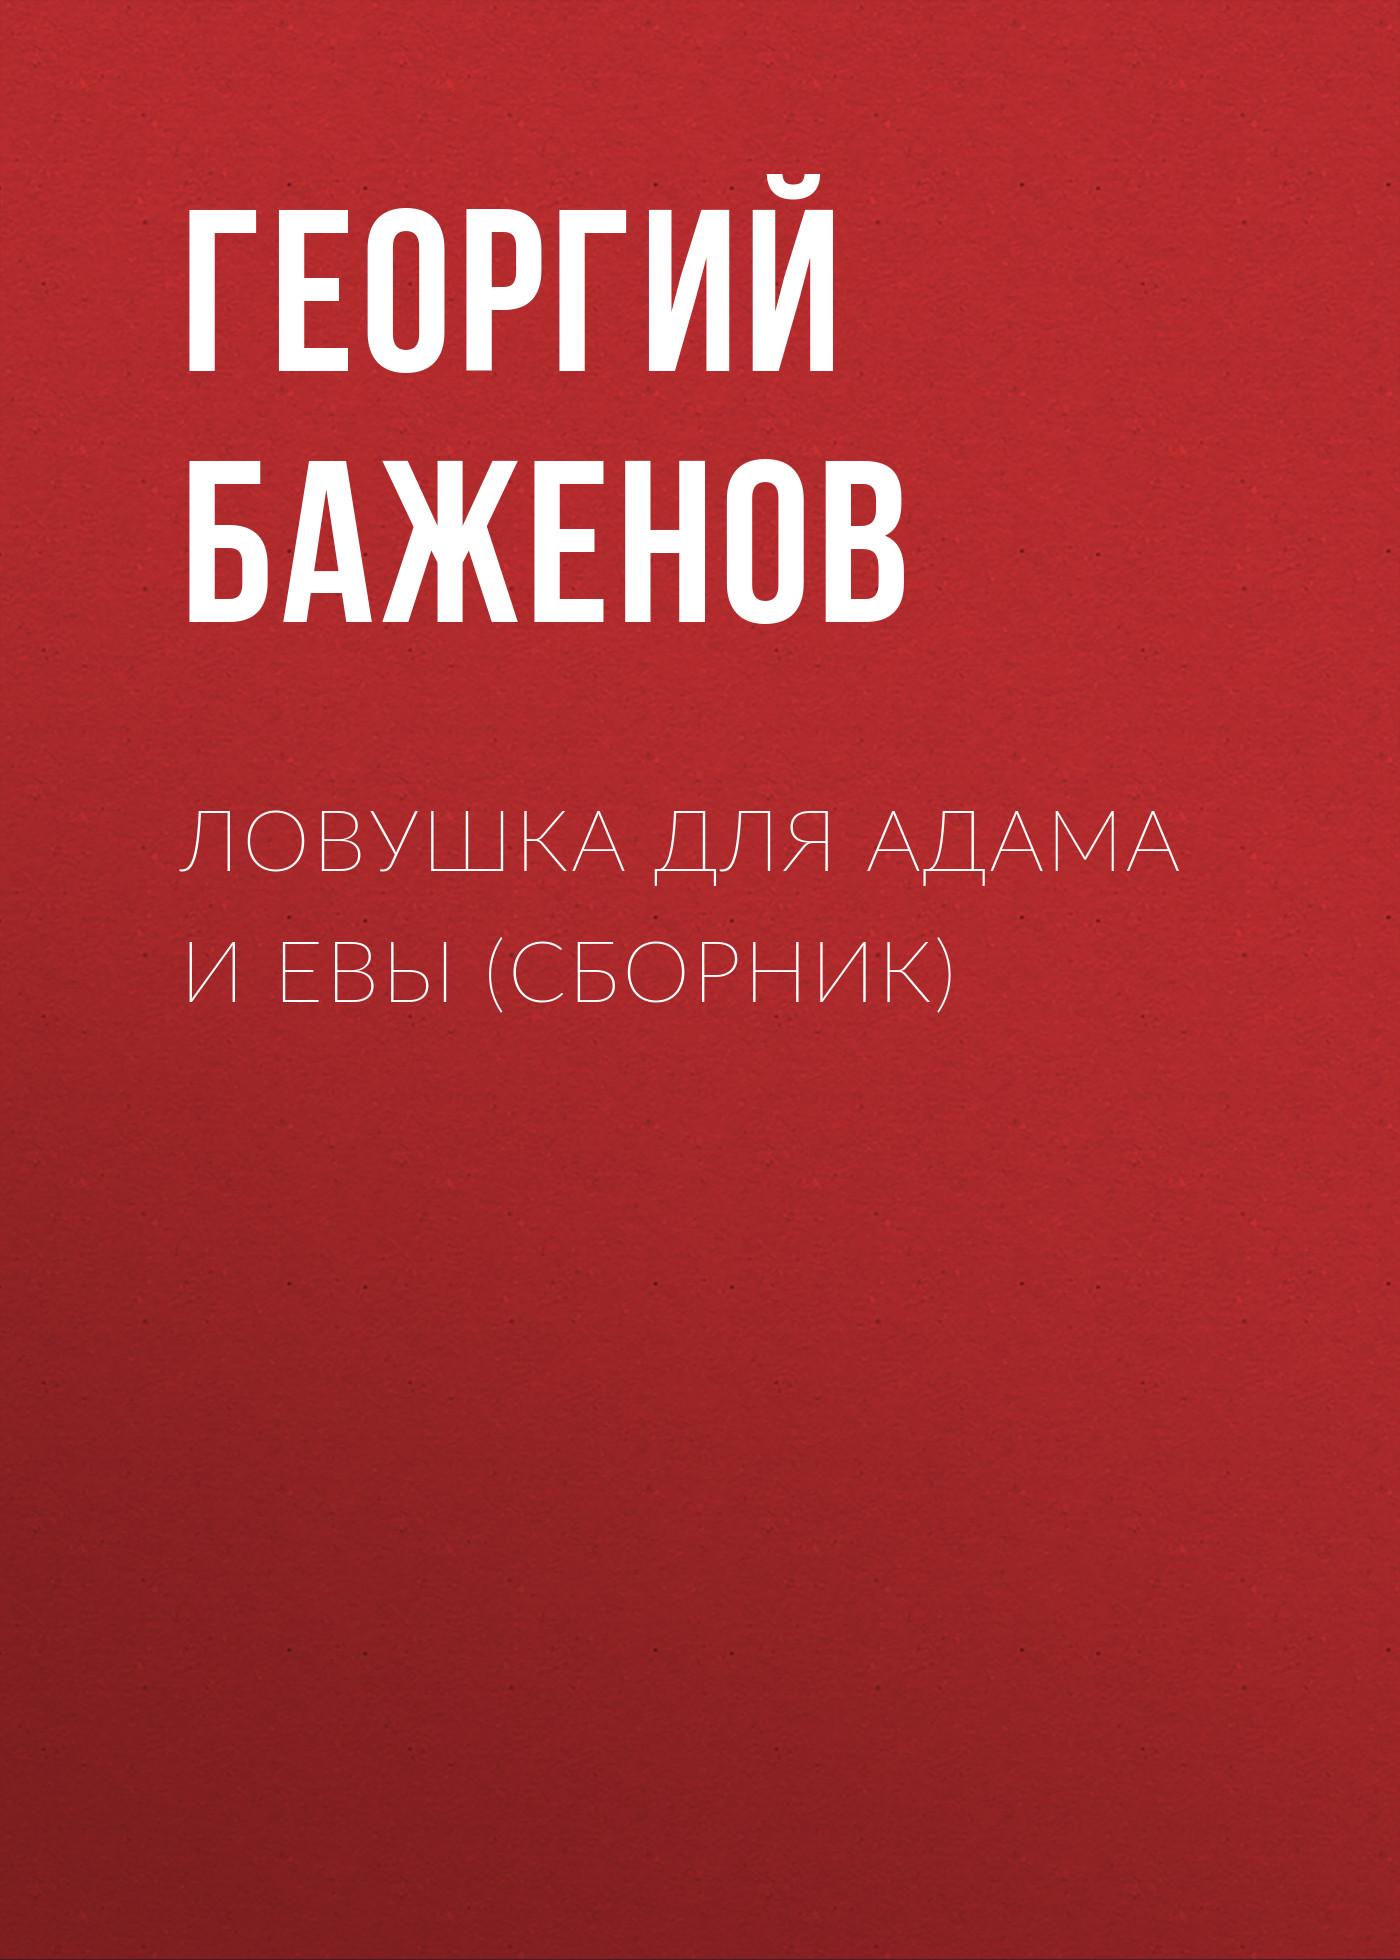 Георгий Баженов Ловушка для Адама и Евы (сборник) баженов георгий похищение любви